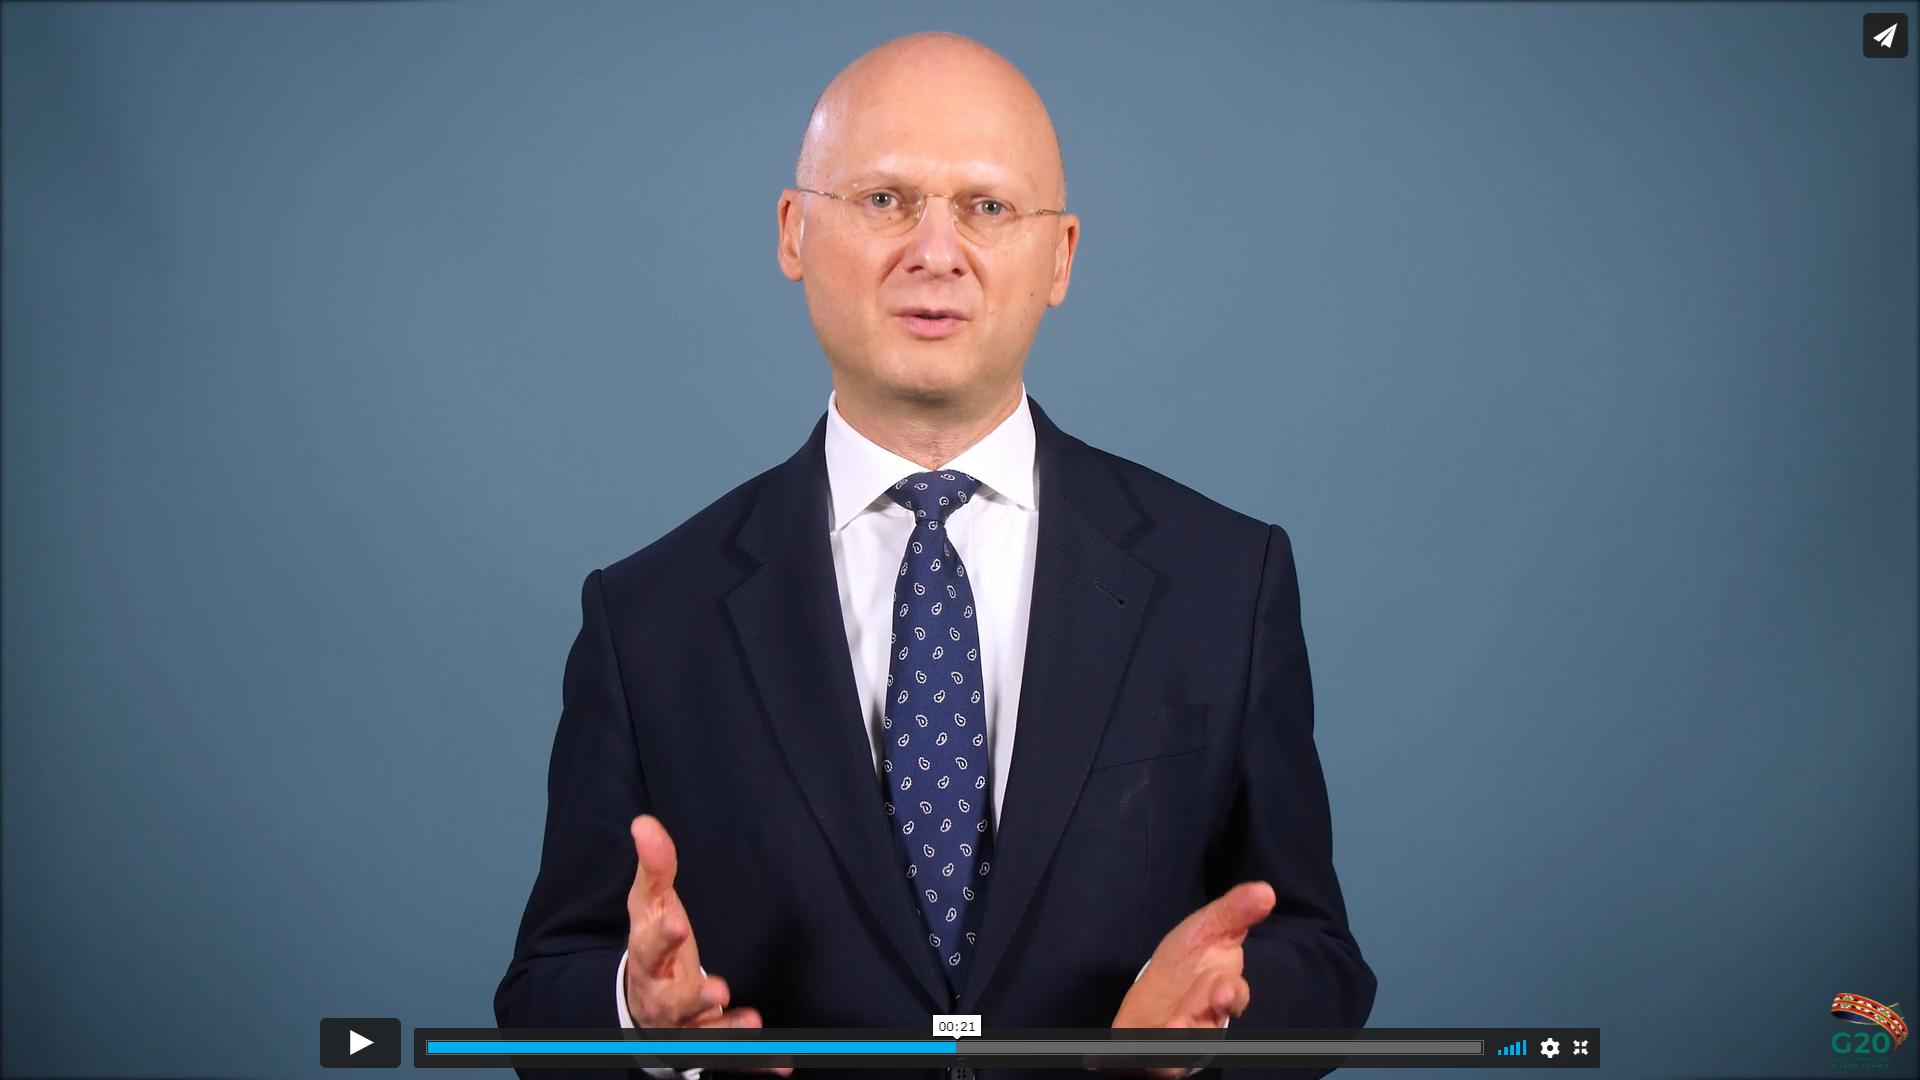 Dr Marcus Pleyer (FATF) addressing virtual G20